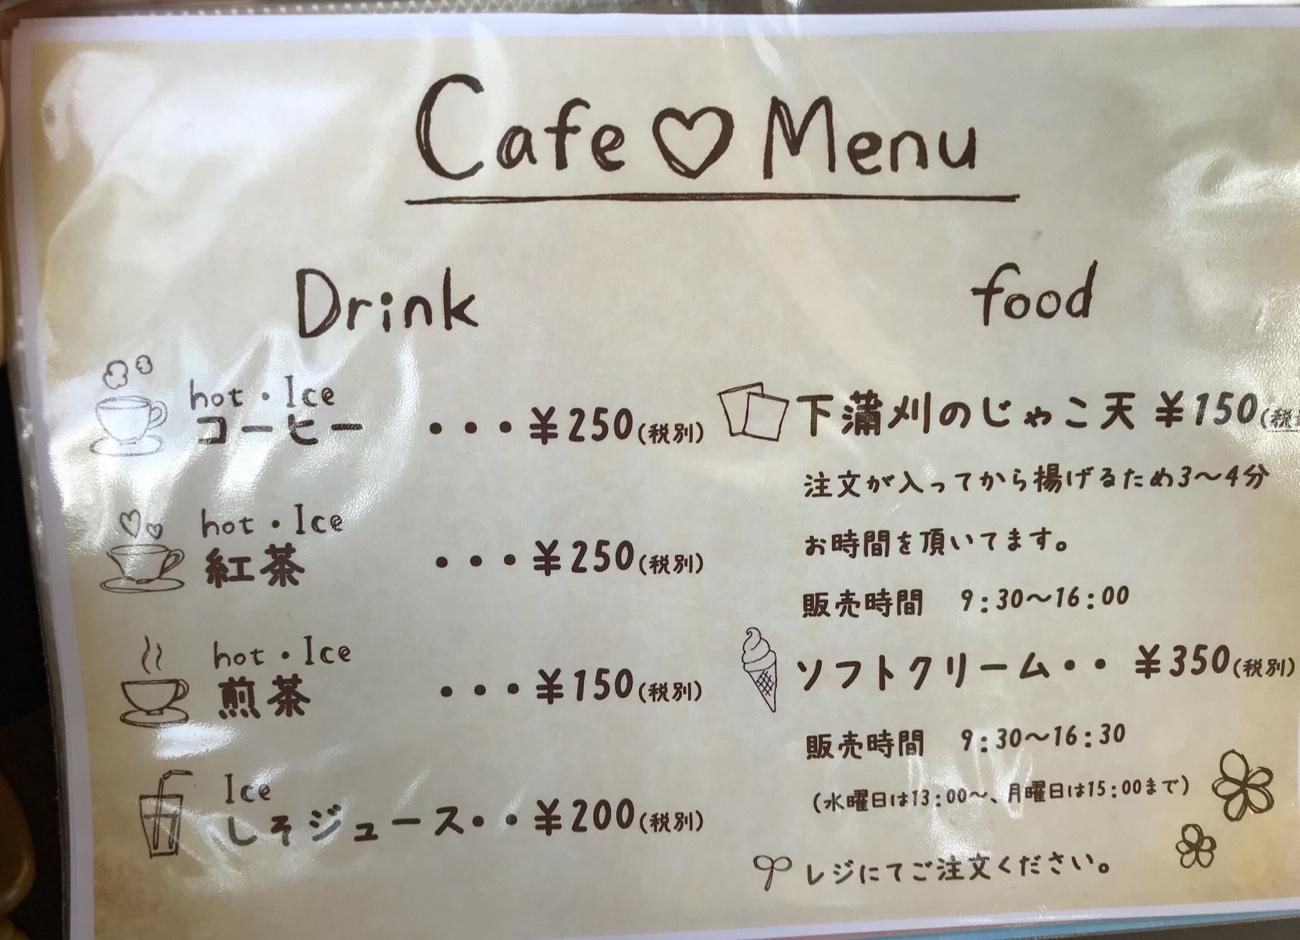 とびしま海道 海の駅 カフェ メニュー